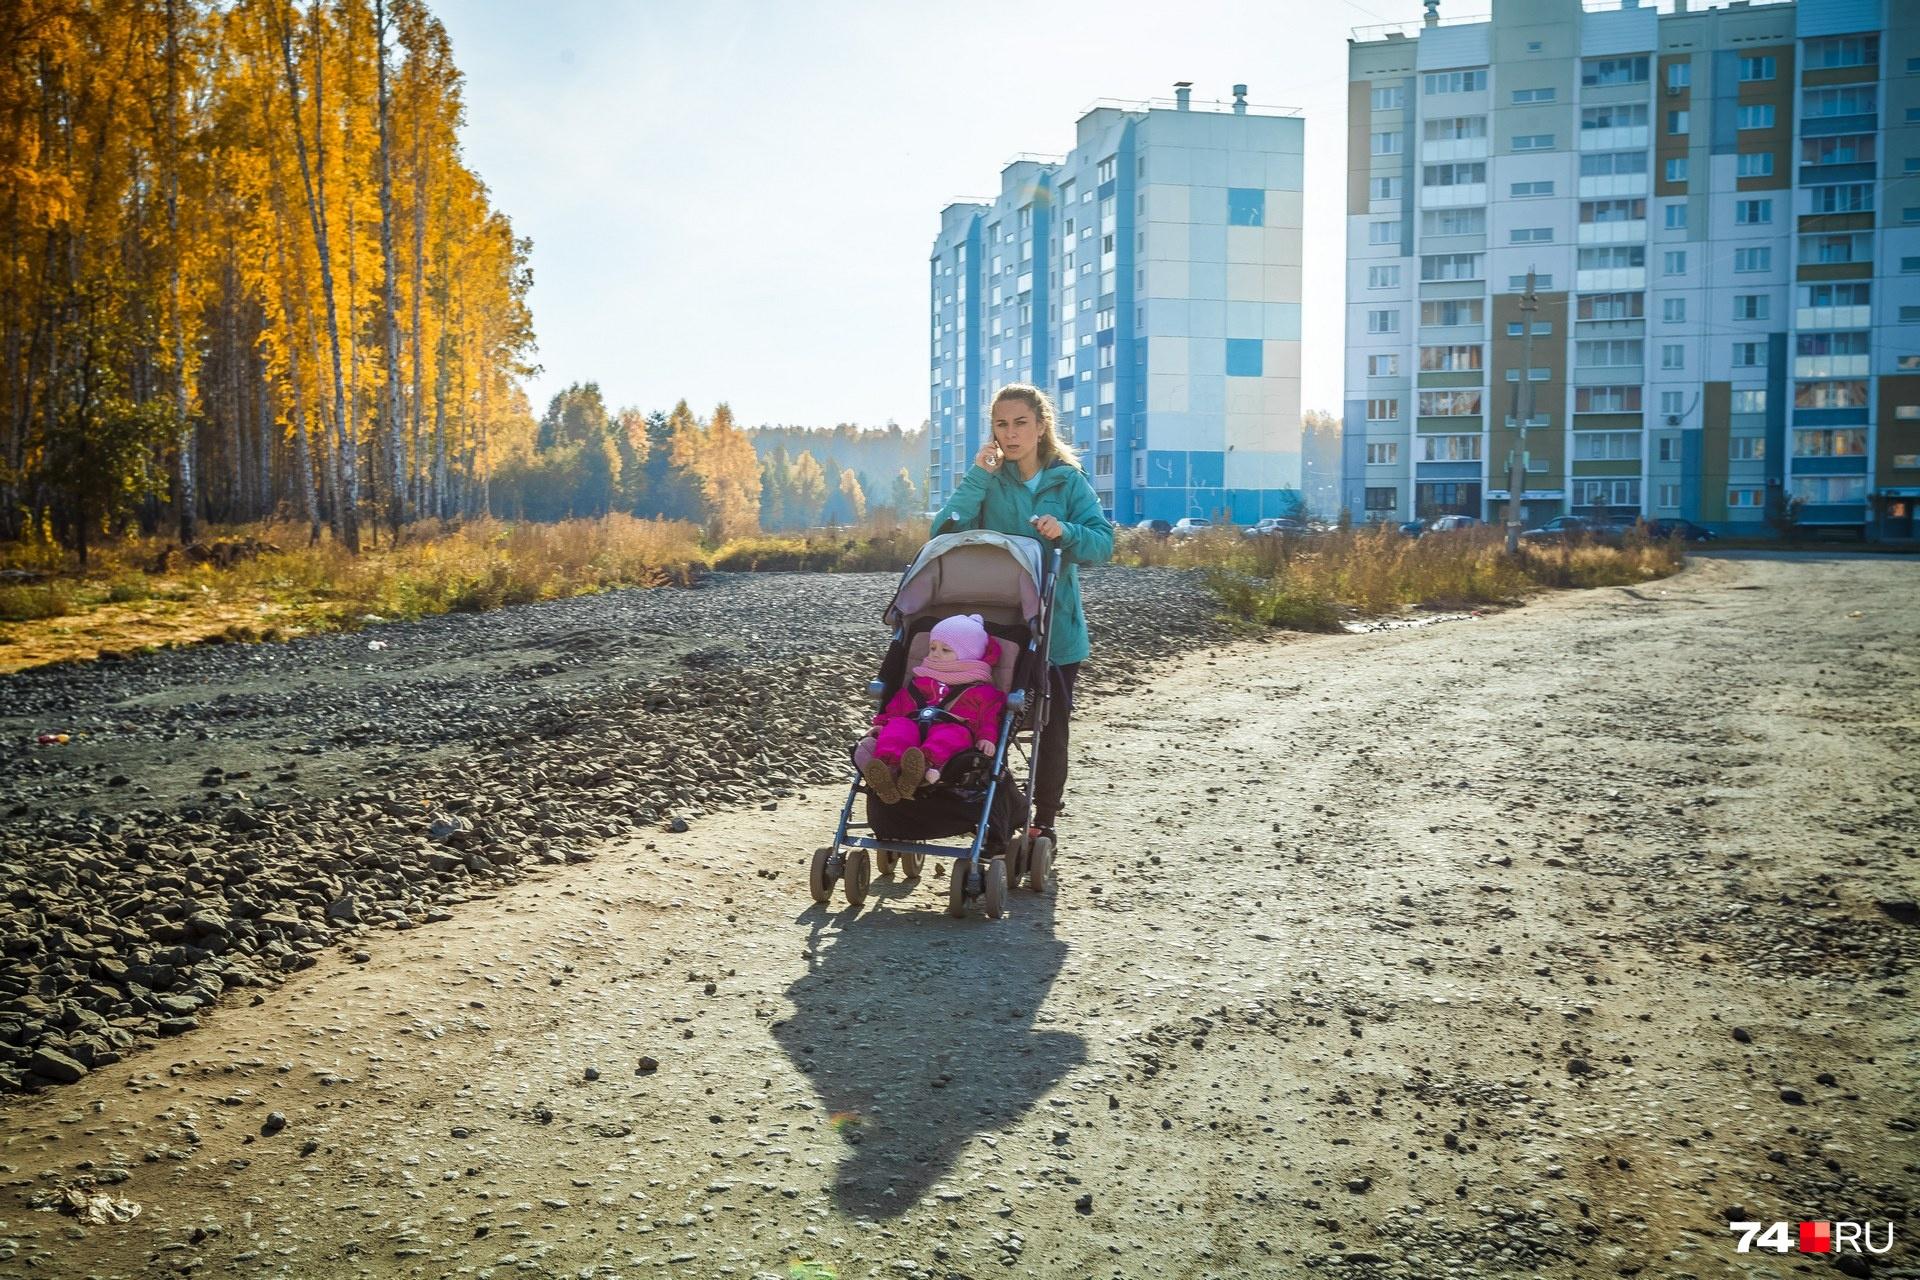 Платить за ипотеку многодетным страна будет еще два года, так что если не родили — успева